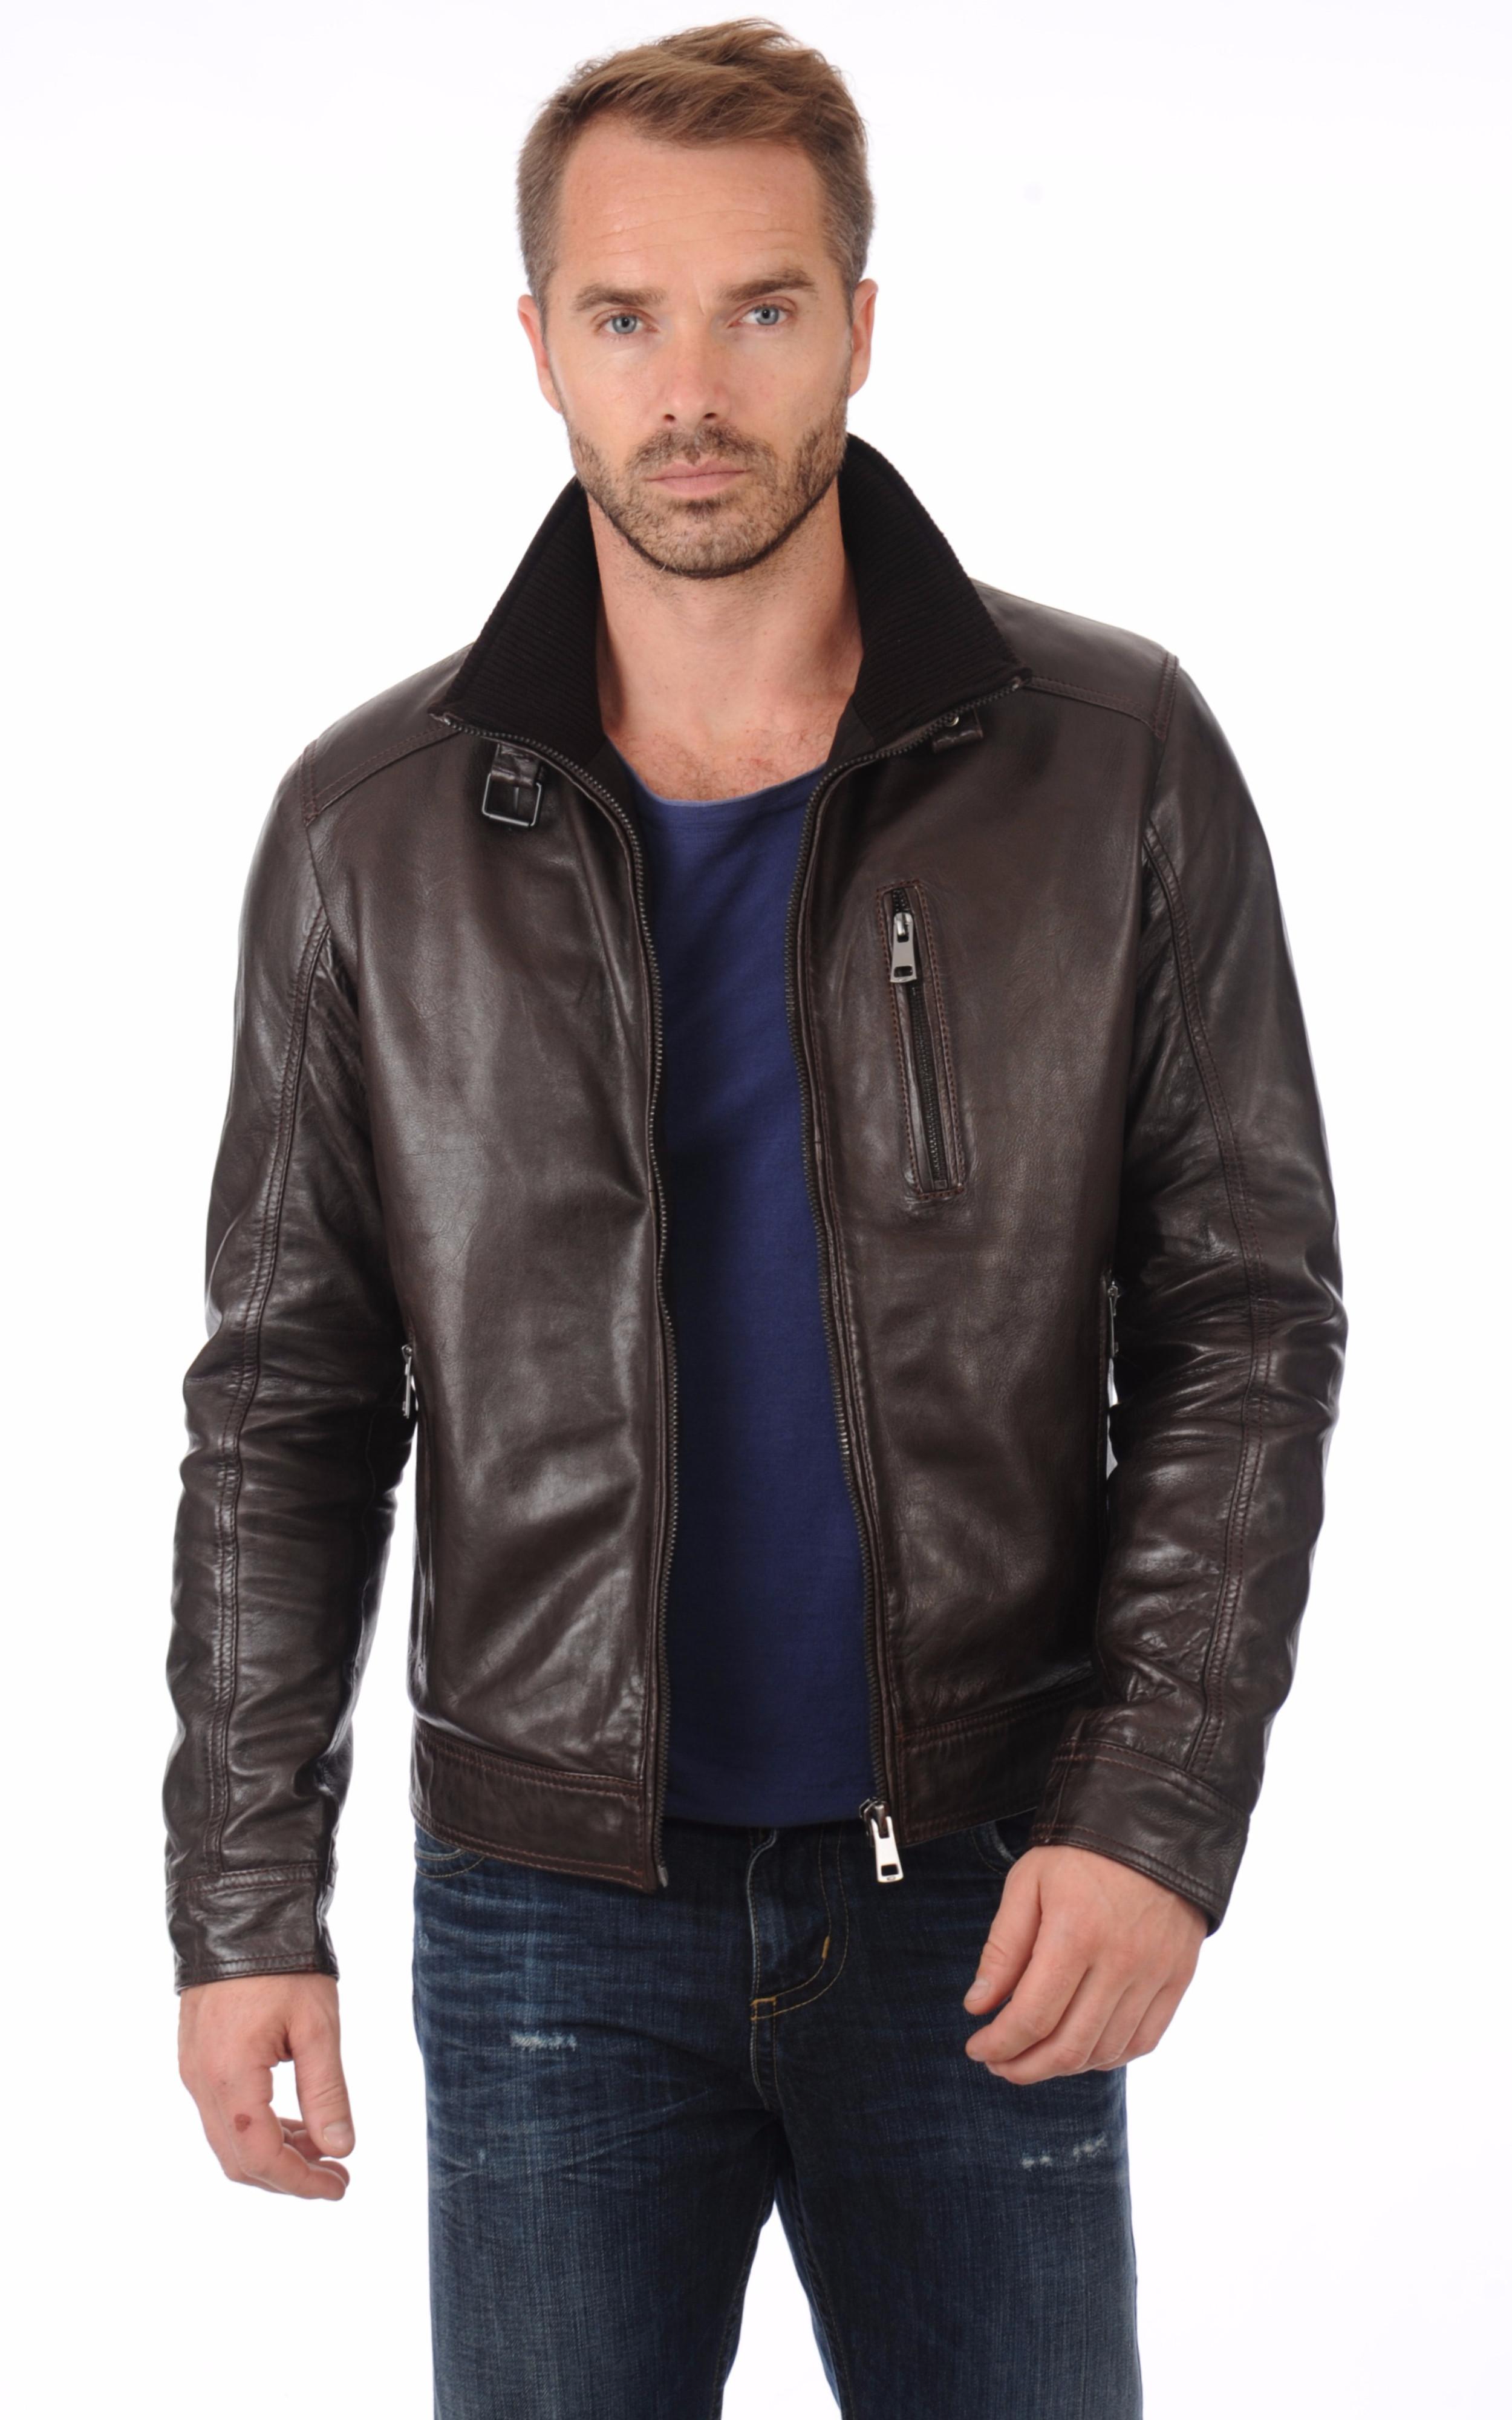 blouson cuir marron homme serge pariente la canadienne blouson cuir marron. Black Bedroom Furniture Sets. Home Design Ideas